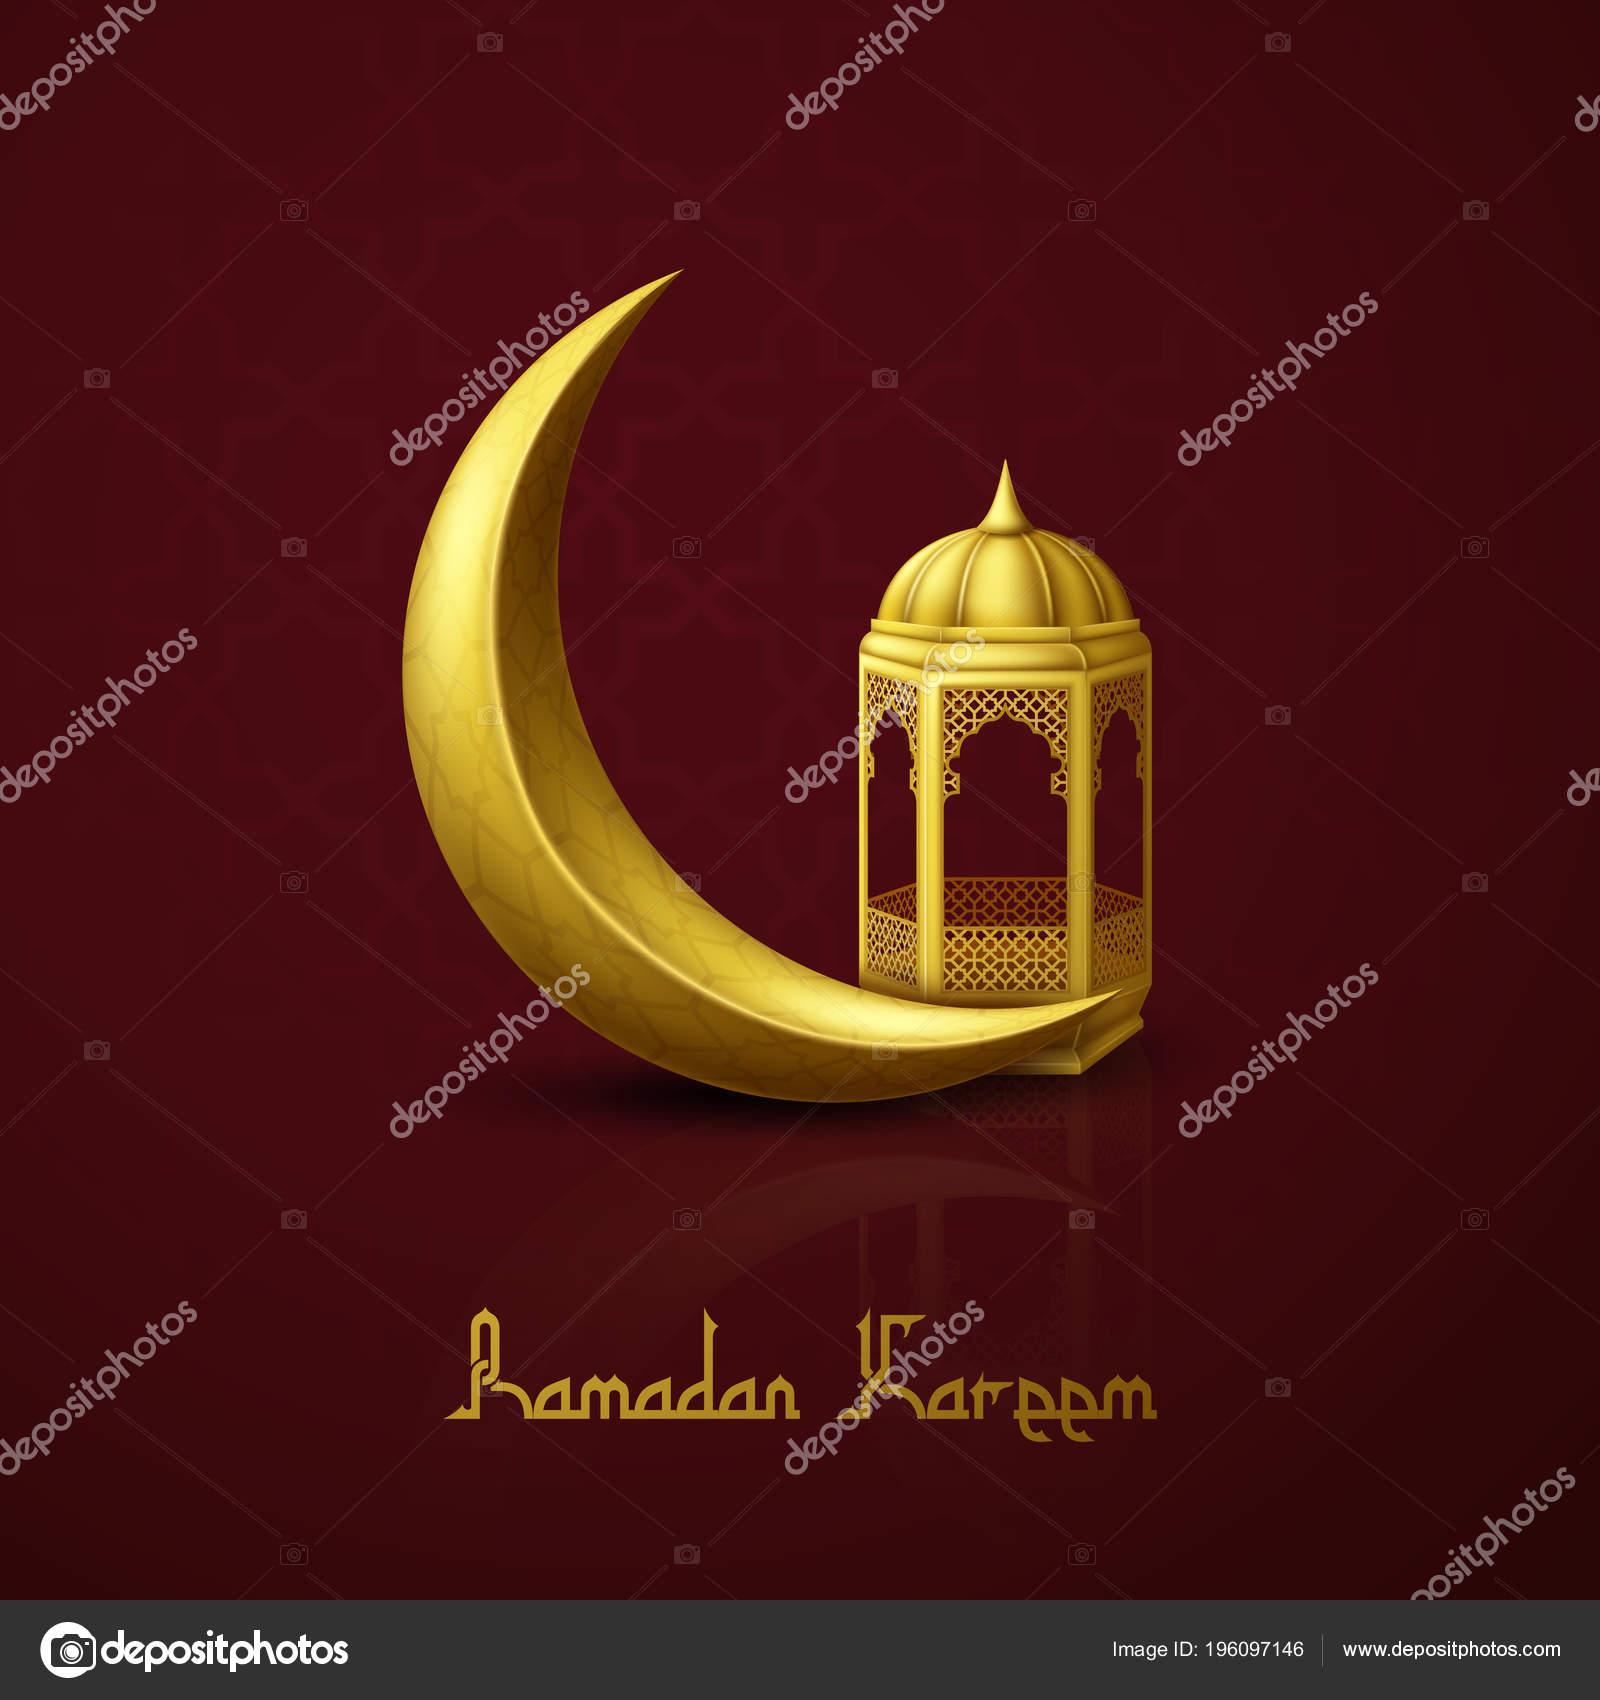 Ramazan Kareem Hilal Arapça Fener Arka Plan Tebrik Stok Vektör